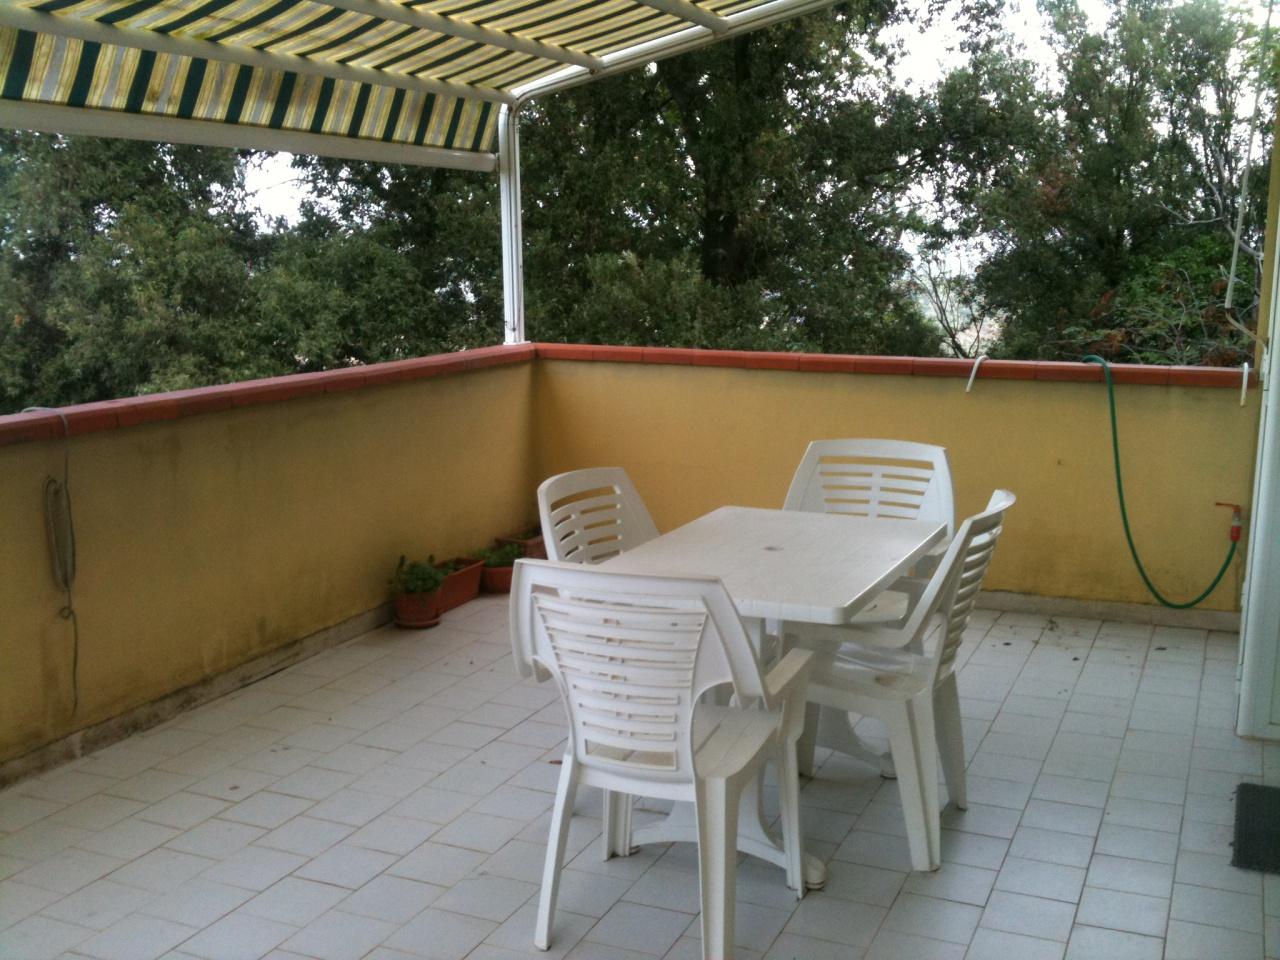 Appartamento in vendita a Gavorrano, 2 locali, prezzo € 70.000 | PortaleAgenzieImmobiliari.it